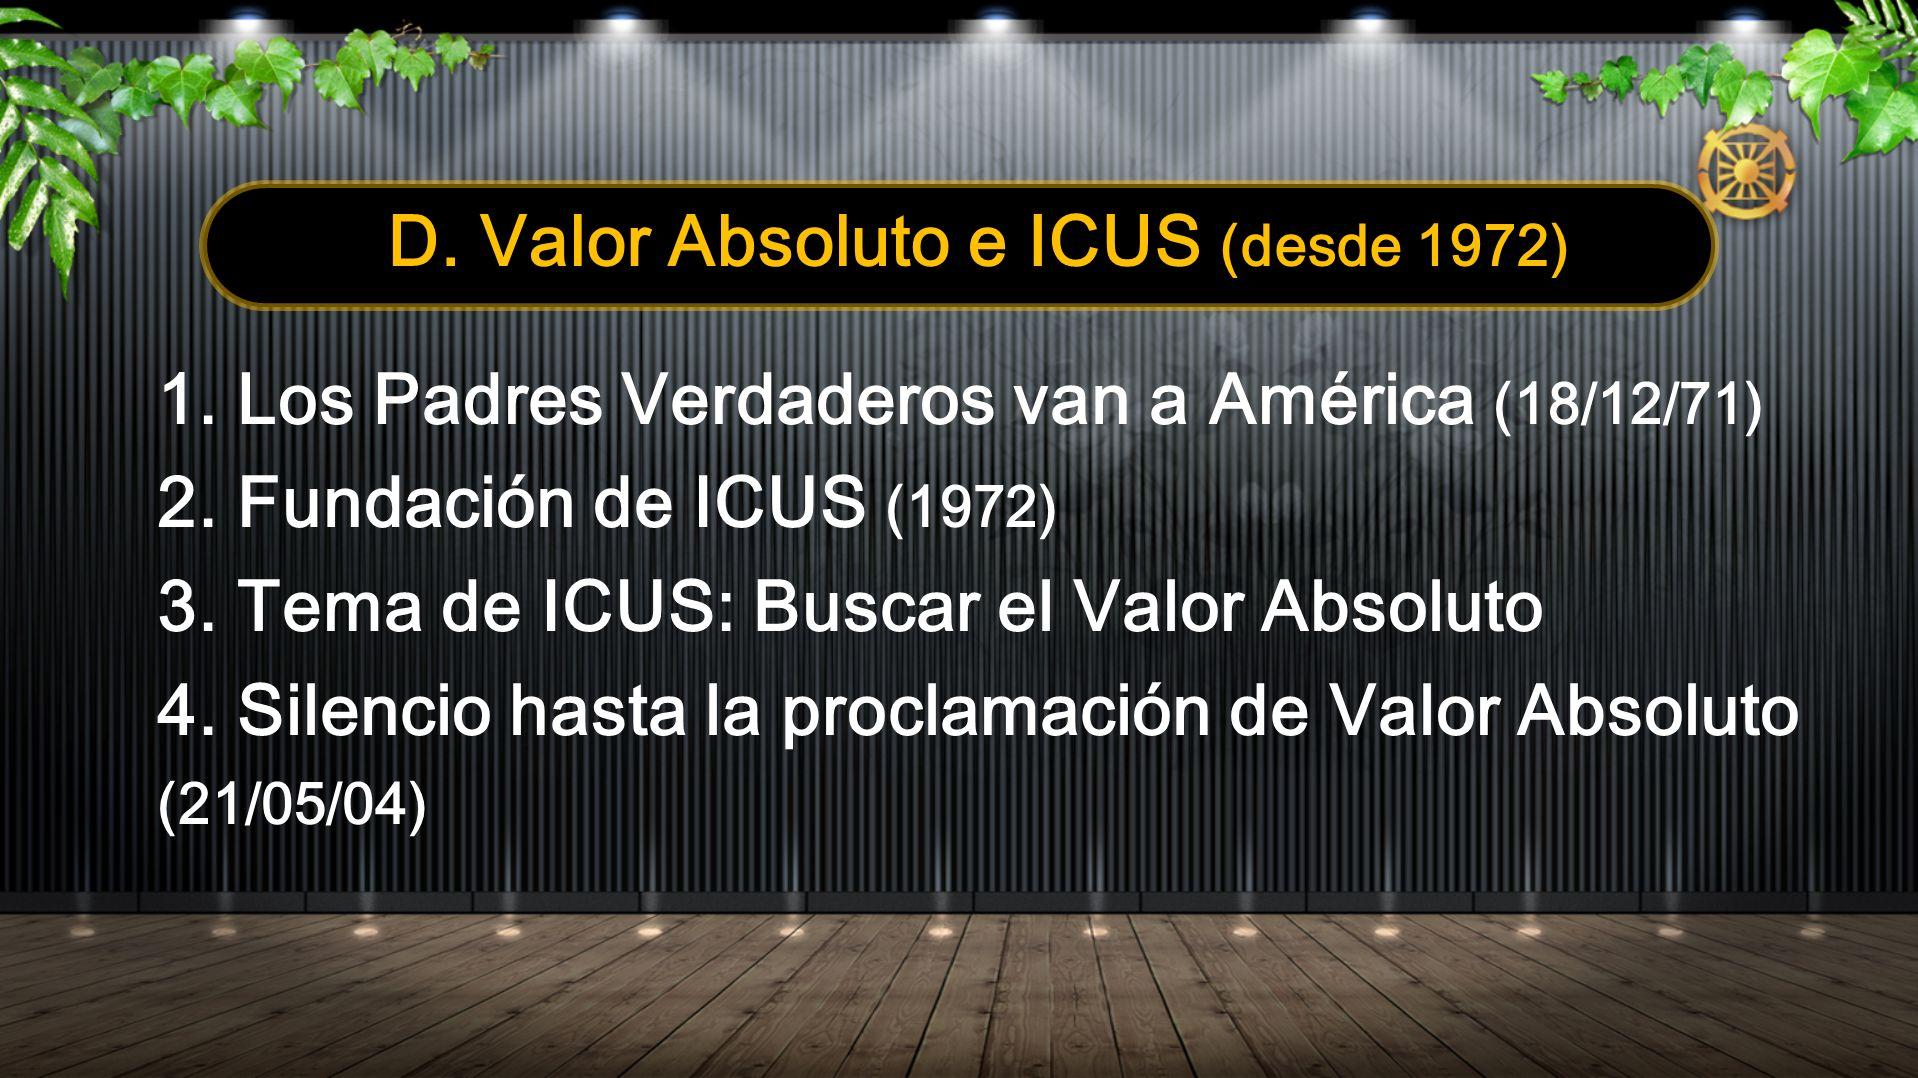 D. Valor Absoluto e ICUS (desde 1972) 1. Los Padres Verdaderos van a América (18/12/71) 2. Fundación de ICUS (1972) 3. Tema de ICUS: Buscar el Valor A